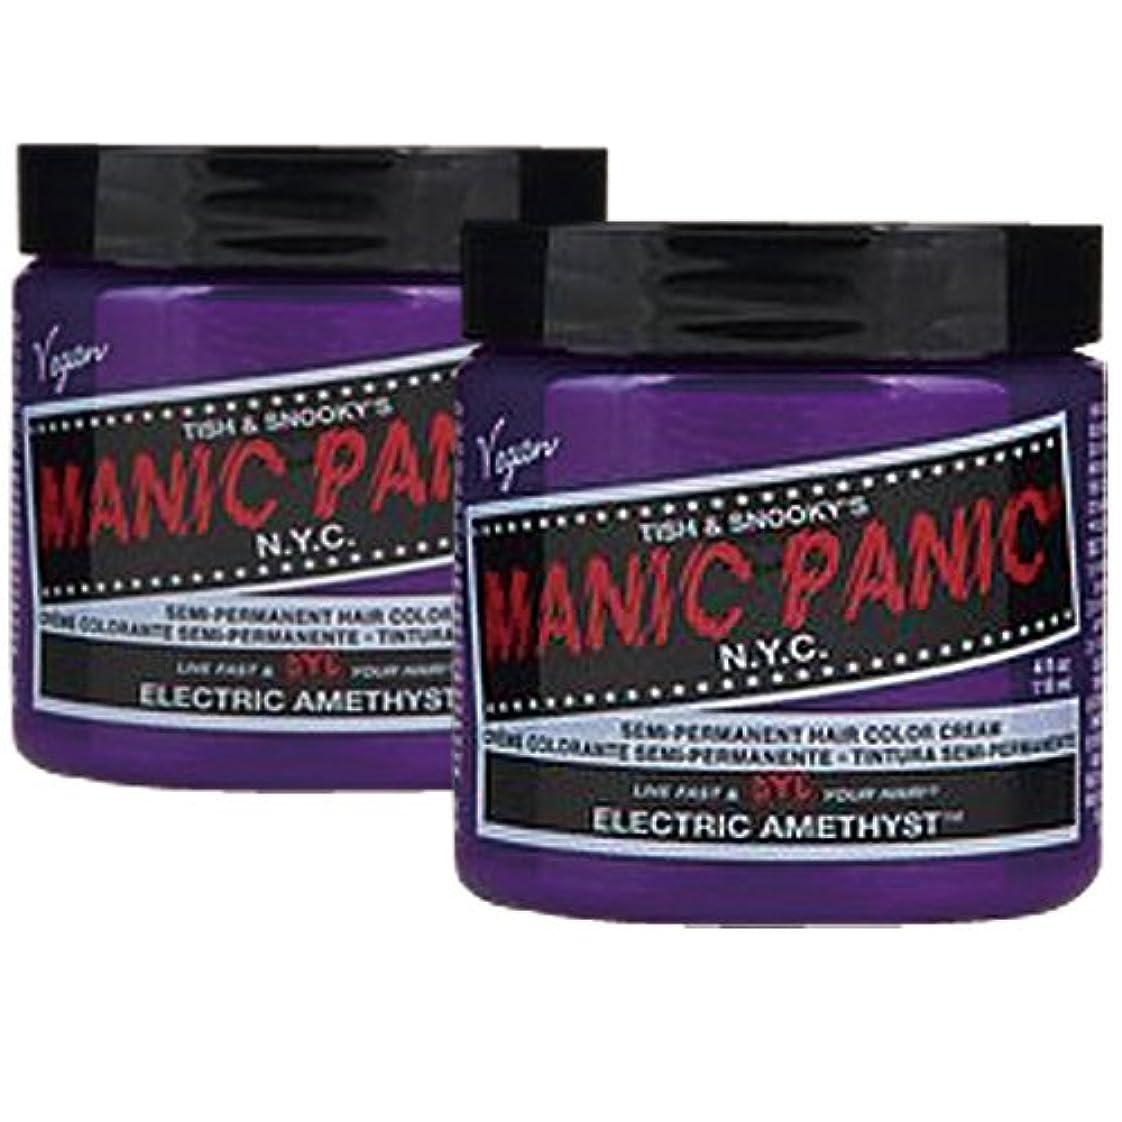 ゆでる鹿それにもかかわらず【2個セット】MANIC PANIC マニックパニック Electric amethyst エレクトリックアメジスト 118m